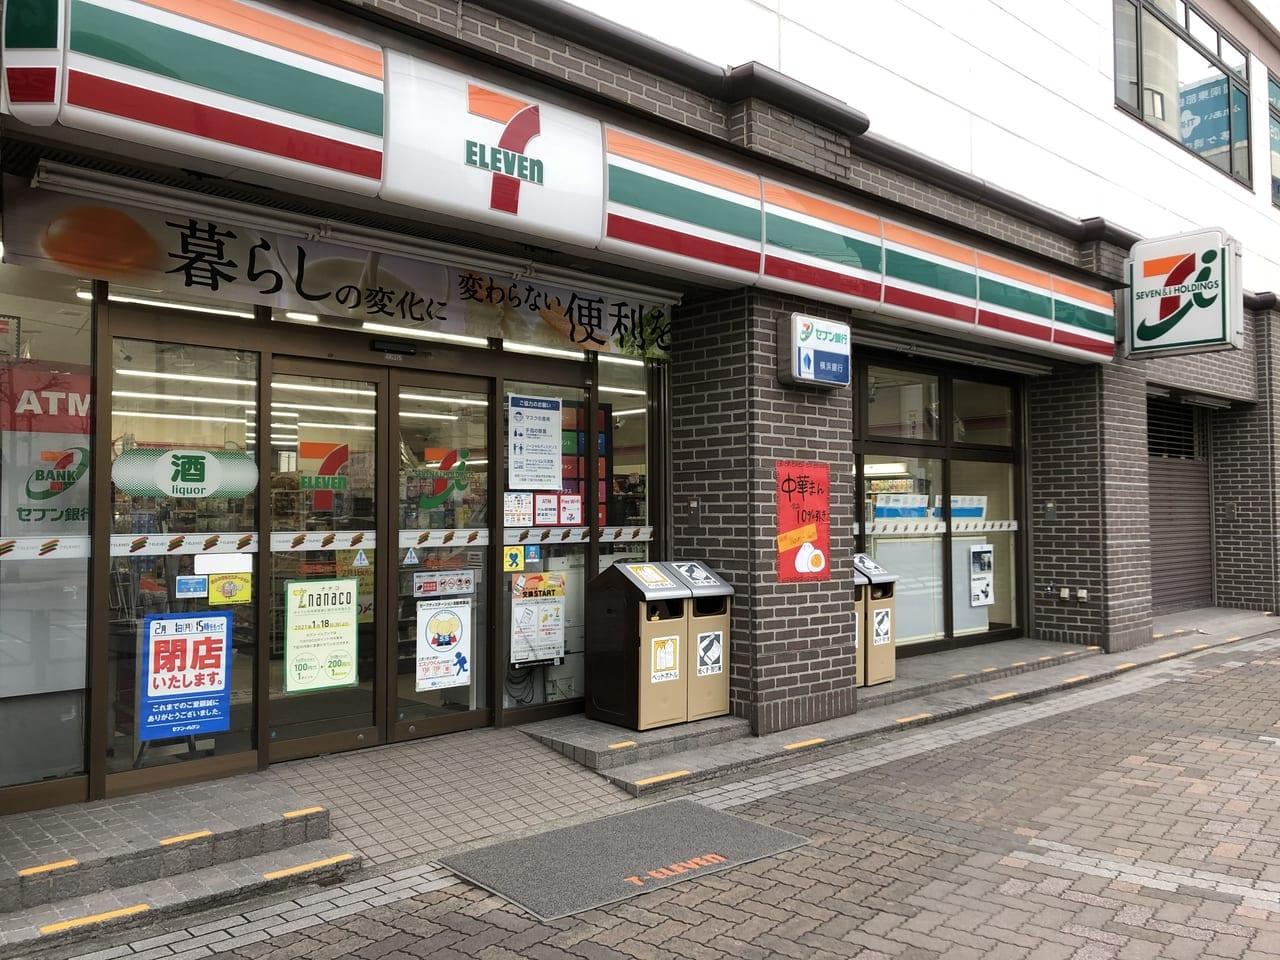 セブンイレブン 藤沢駅北口店